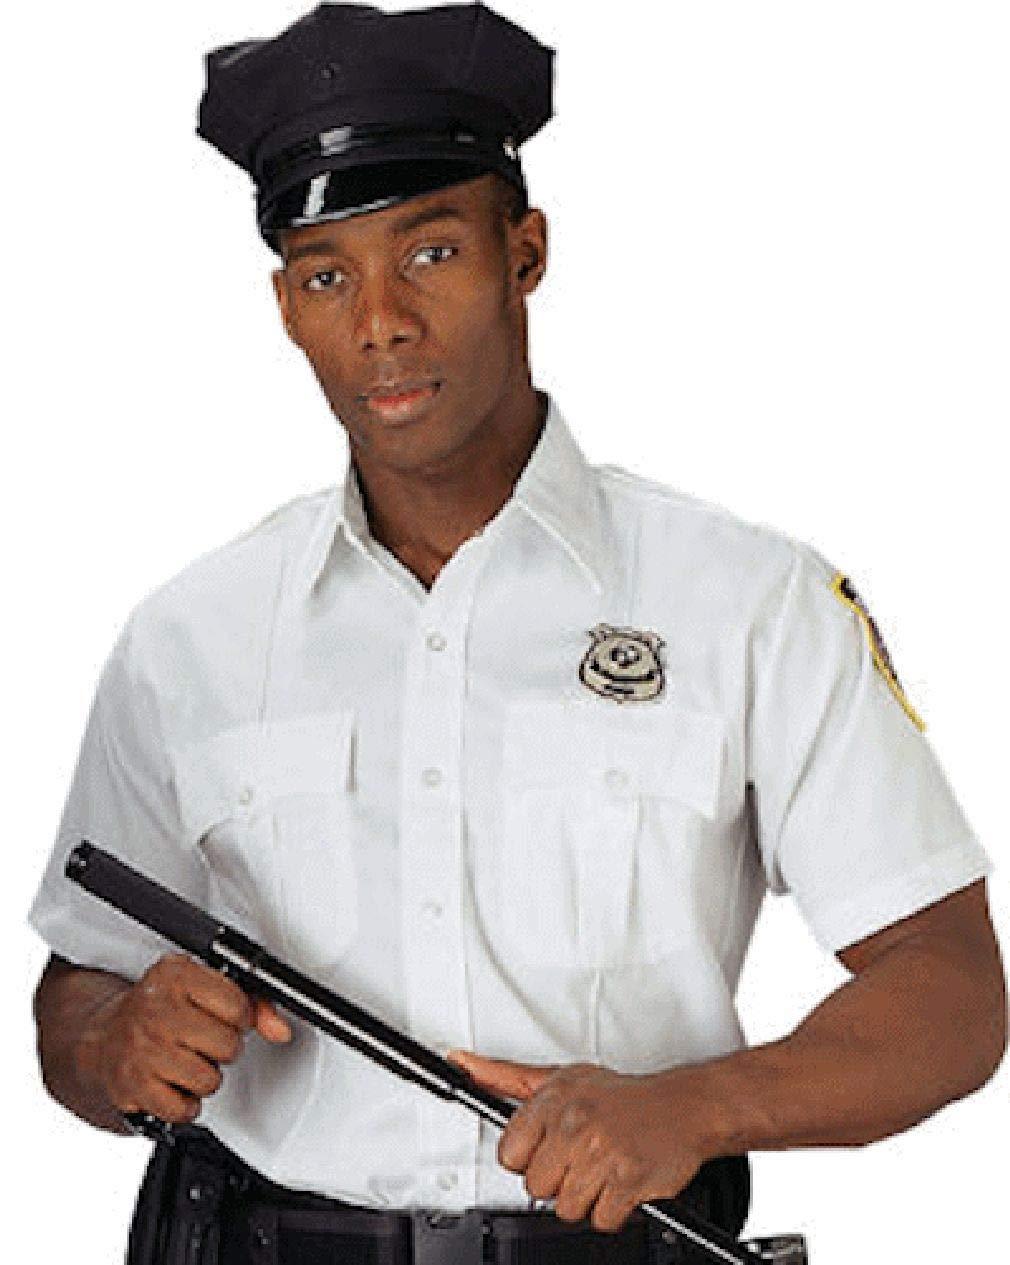 史上一番安い BlackC BlackC スポーツ 2X-Large 半袖 警察官 警備隊 ユニフォームシャツ B07GVG718V Color 警備隊 White Size 2X-Large, オゴオリチョウ:5266ac5a --- umniysvet.ru